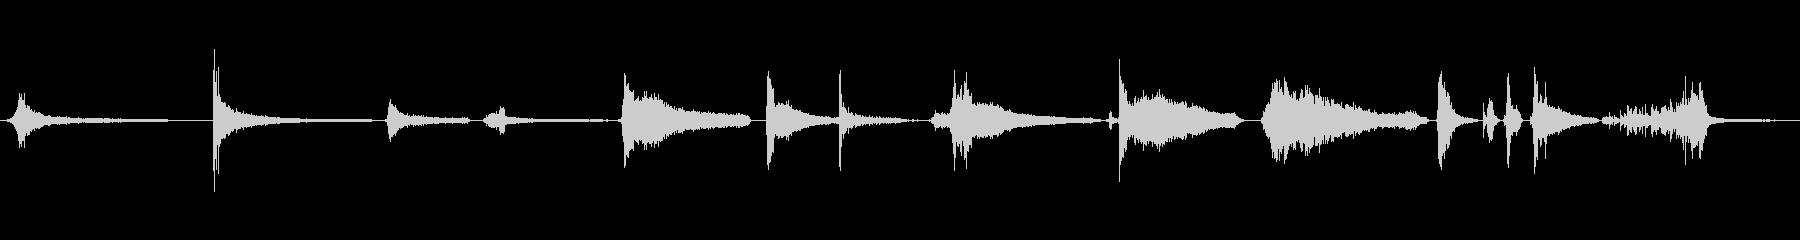 ホラーグランドピアノストリングエフ...の未再生の波形